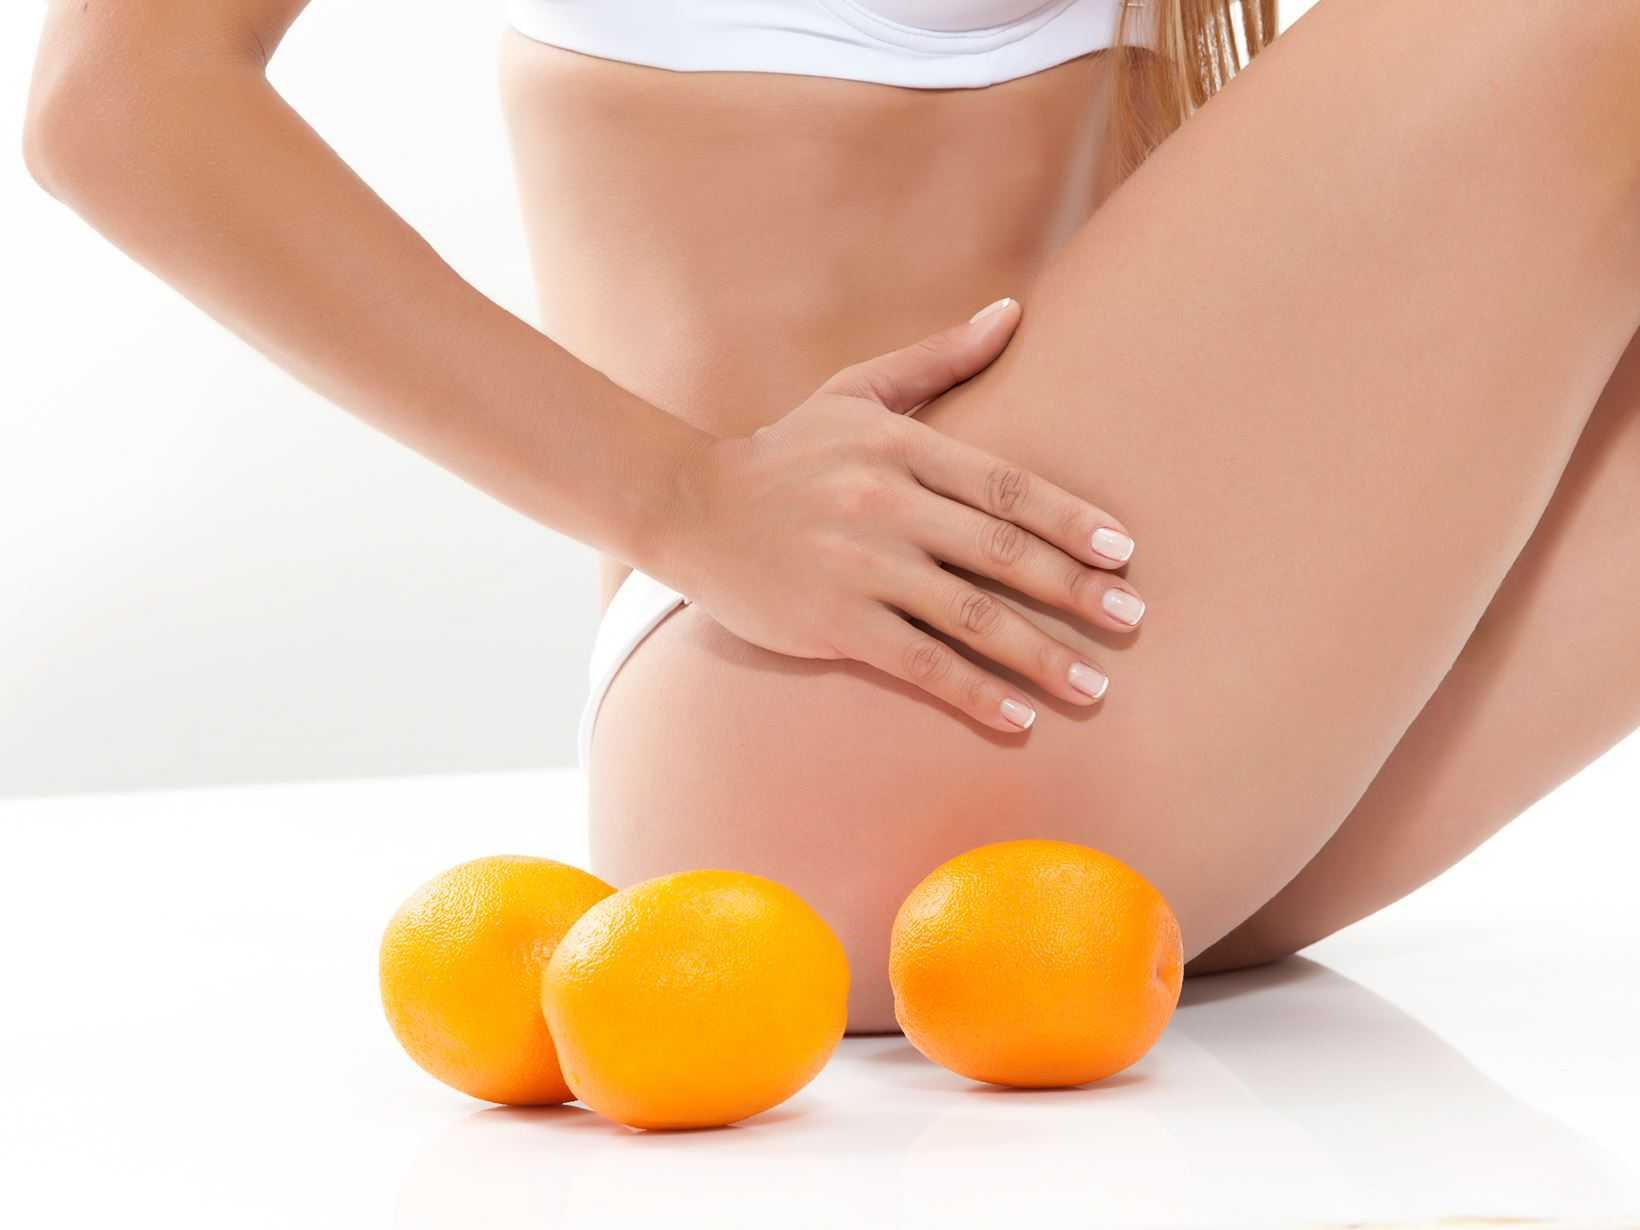 Упражнения от целлюлита на ногах и попе: 2 эффективных комплекса